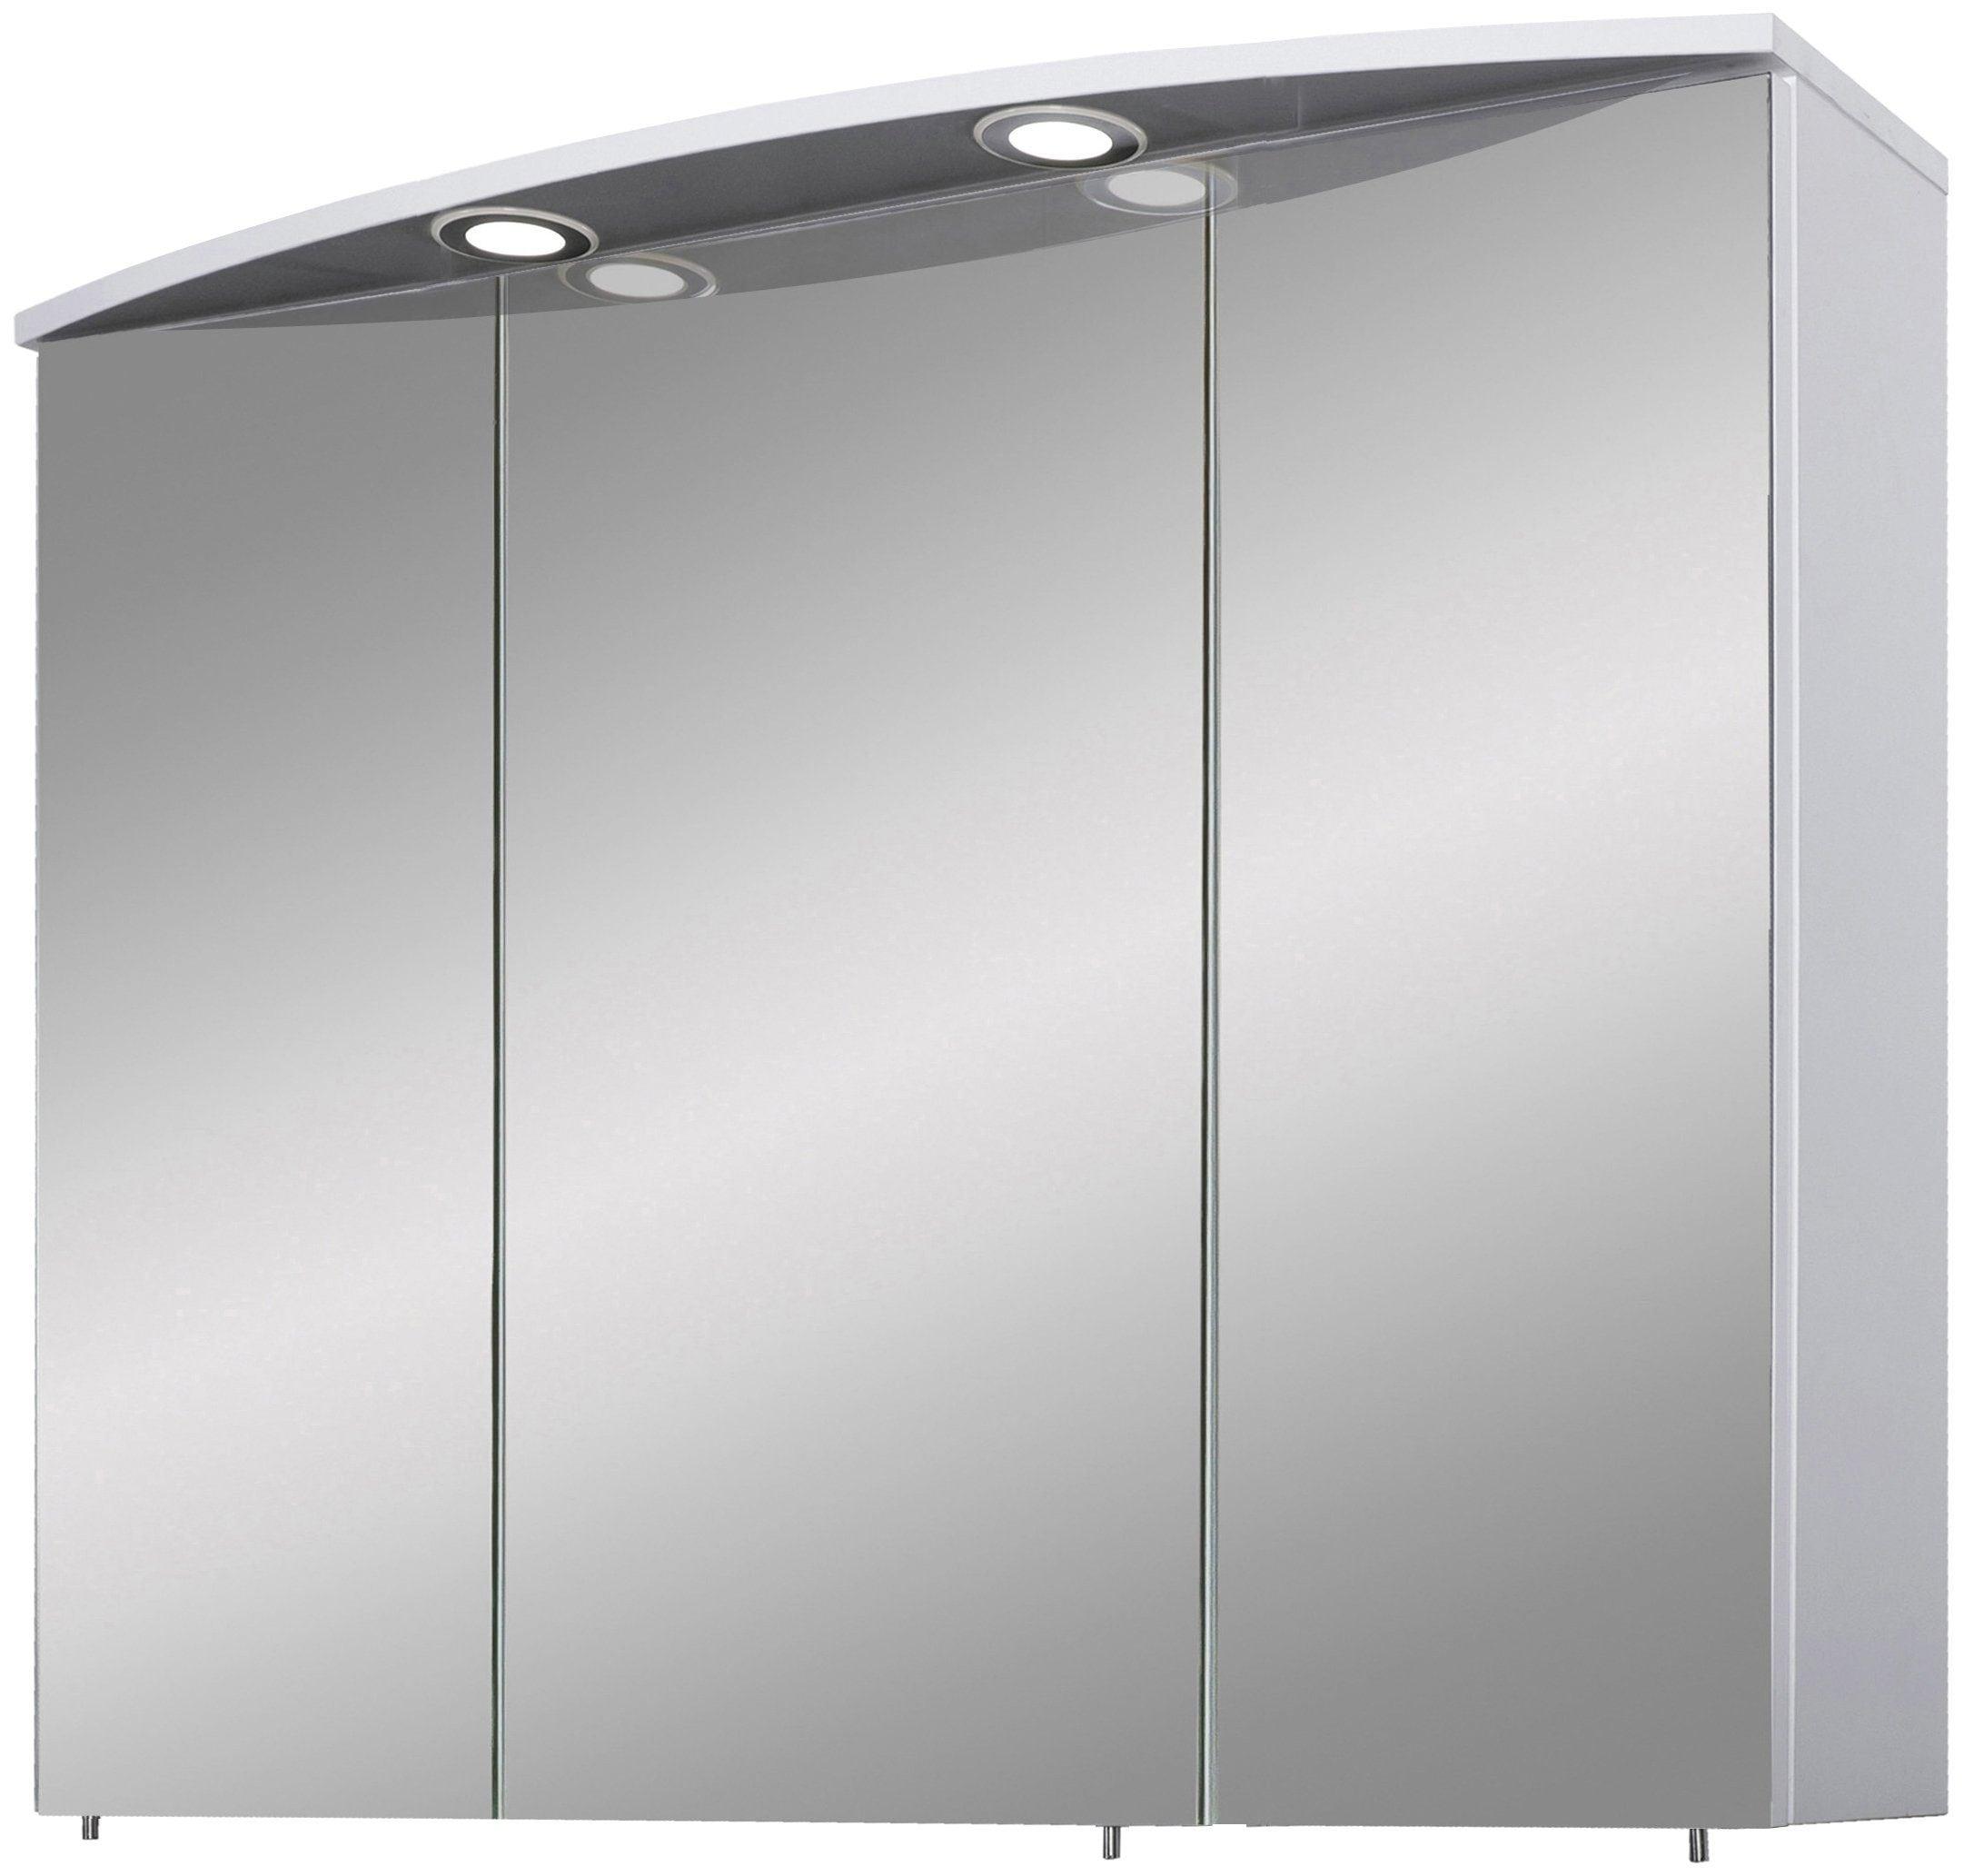 Schildmeyer Spiegelschrank Verona, Breite 90 cm, 3-türig, 2 LED-Einbaustrahler, Schalter-/Steckdosenbox, Glaseinlegeböden, Made in Germany